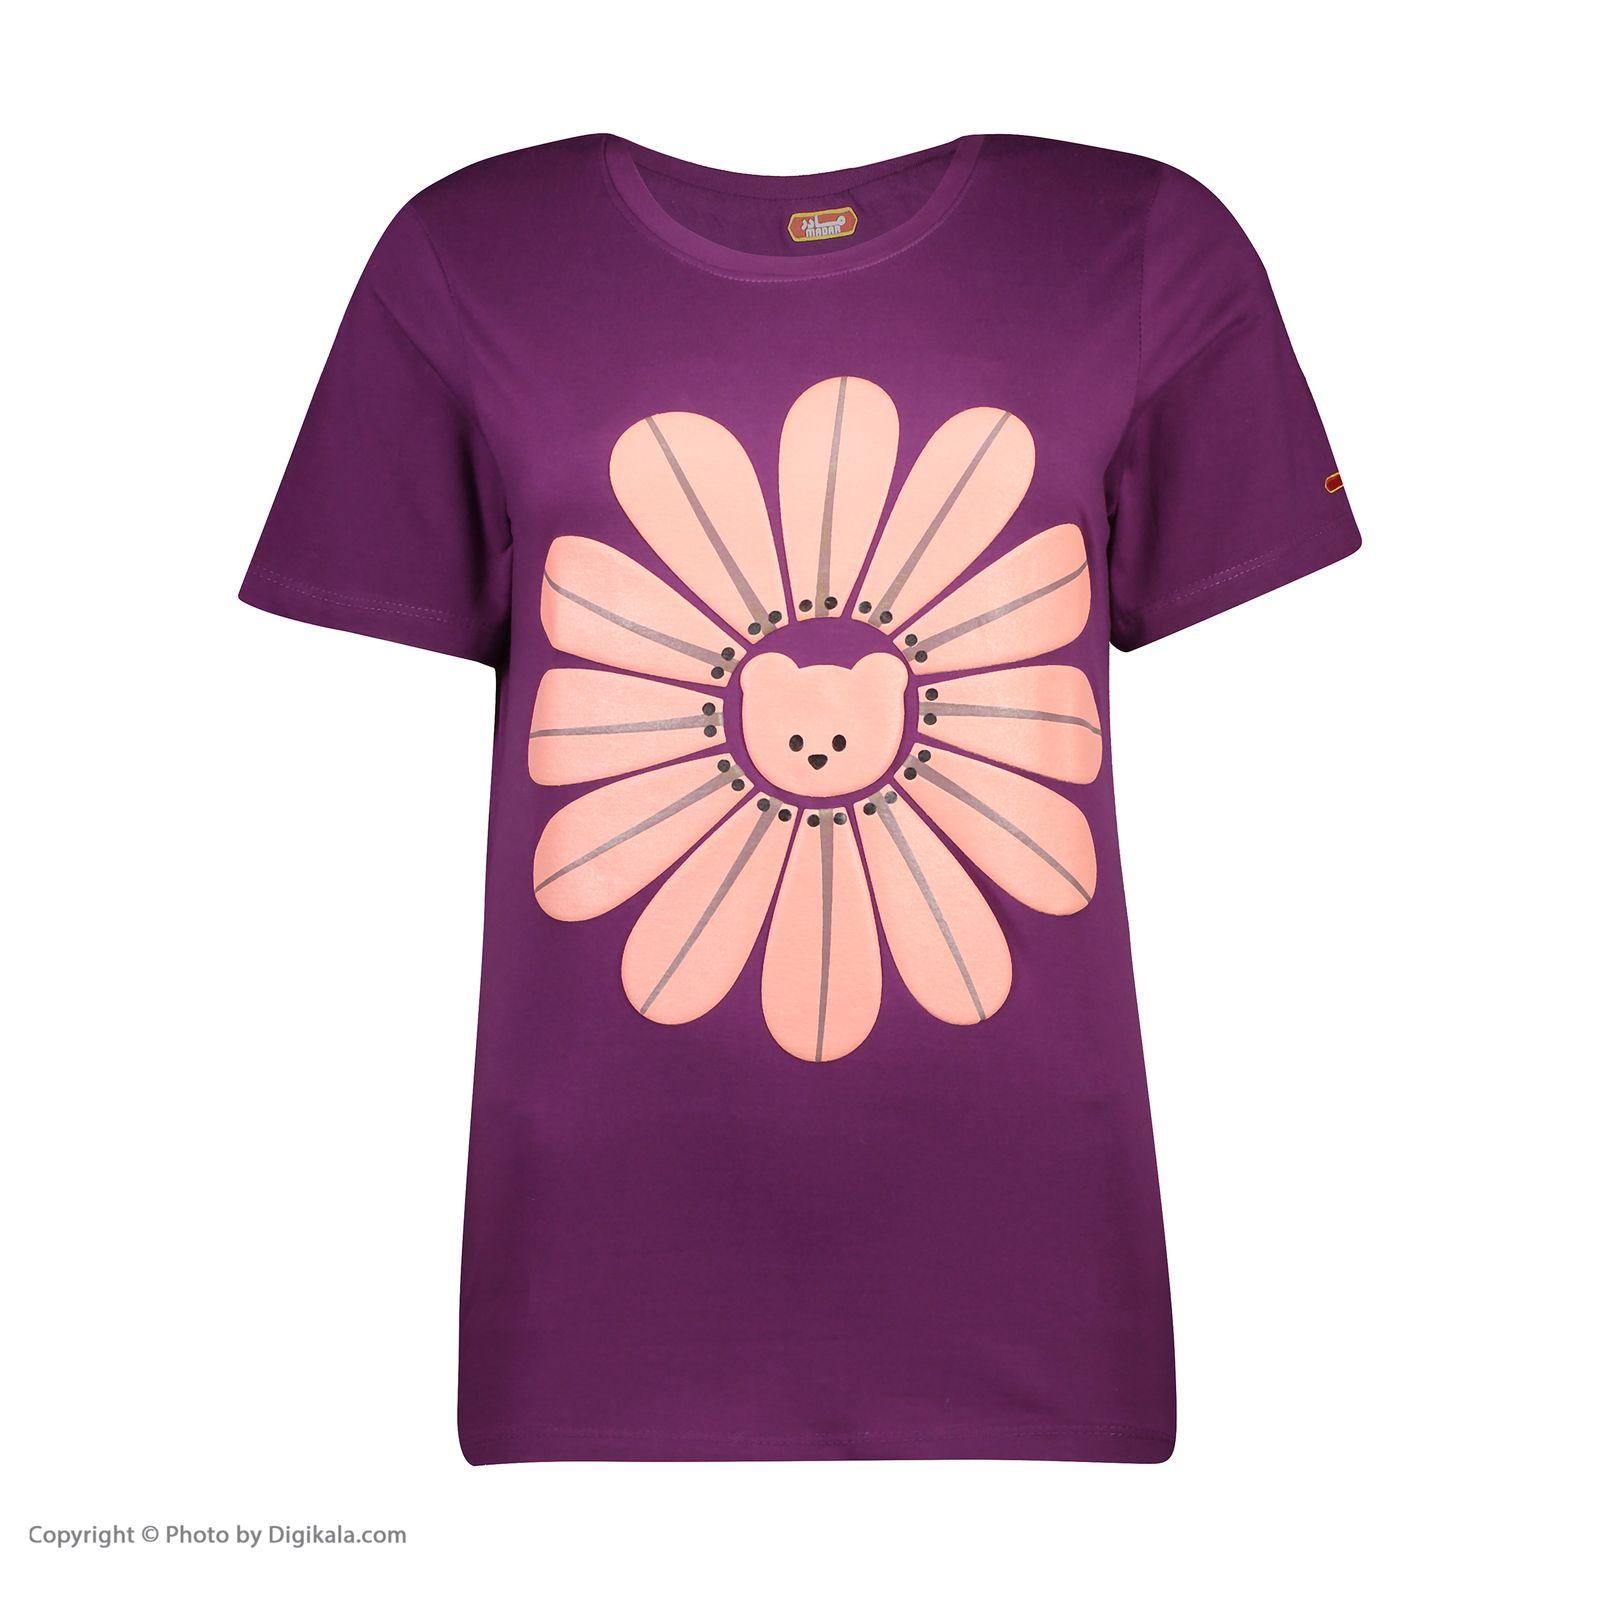 ست تی شرت و شلوارک راحتی زنانه مادر مدل 2041101-67 -  - 4